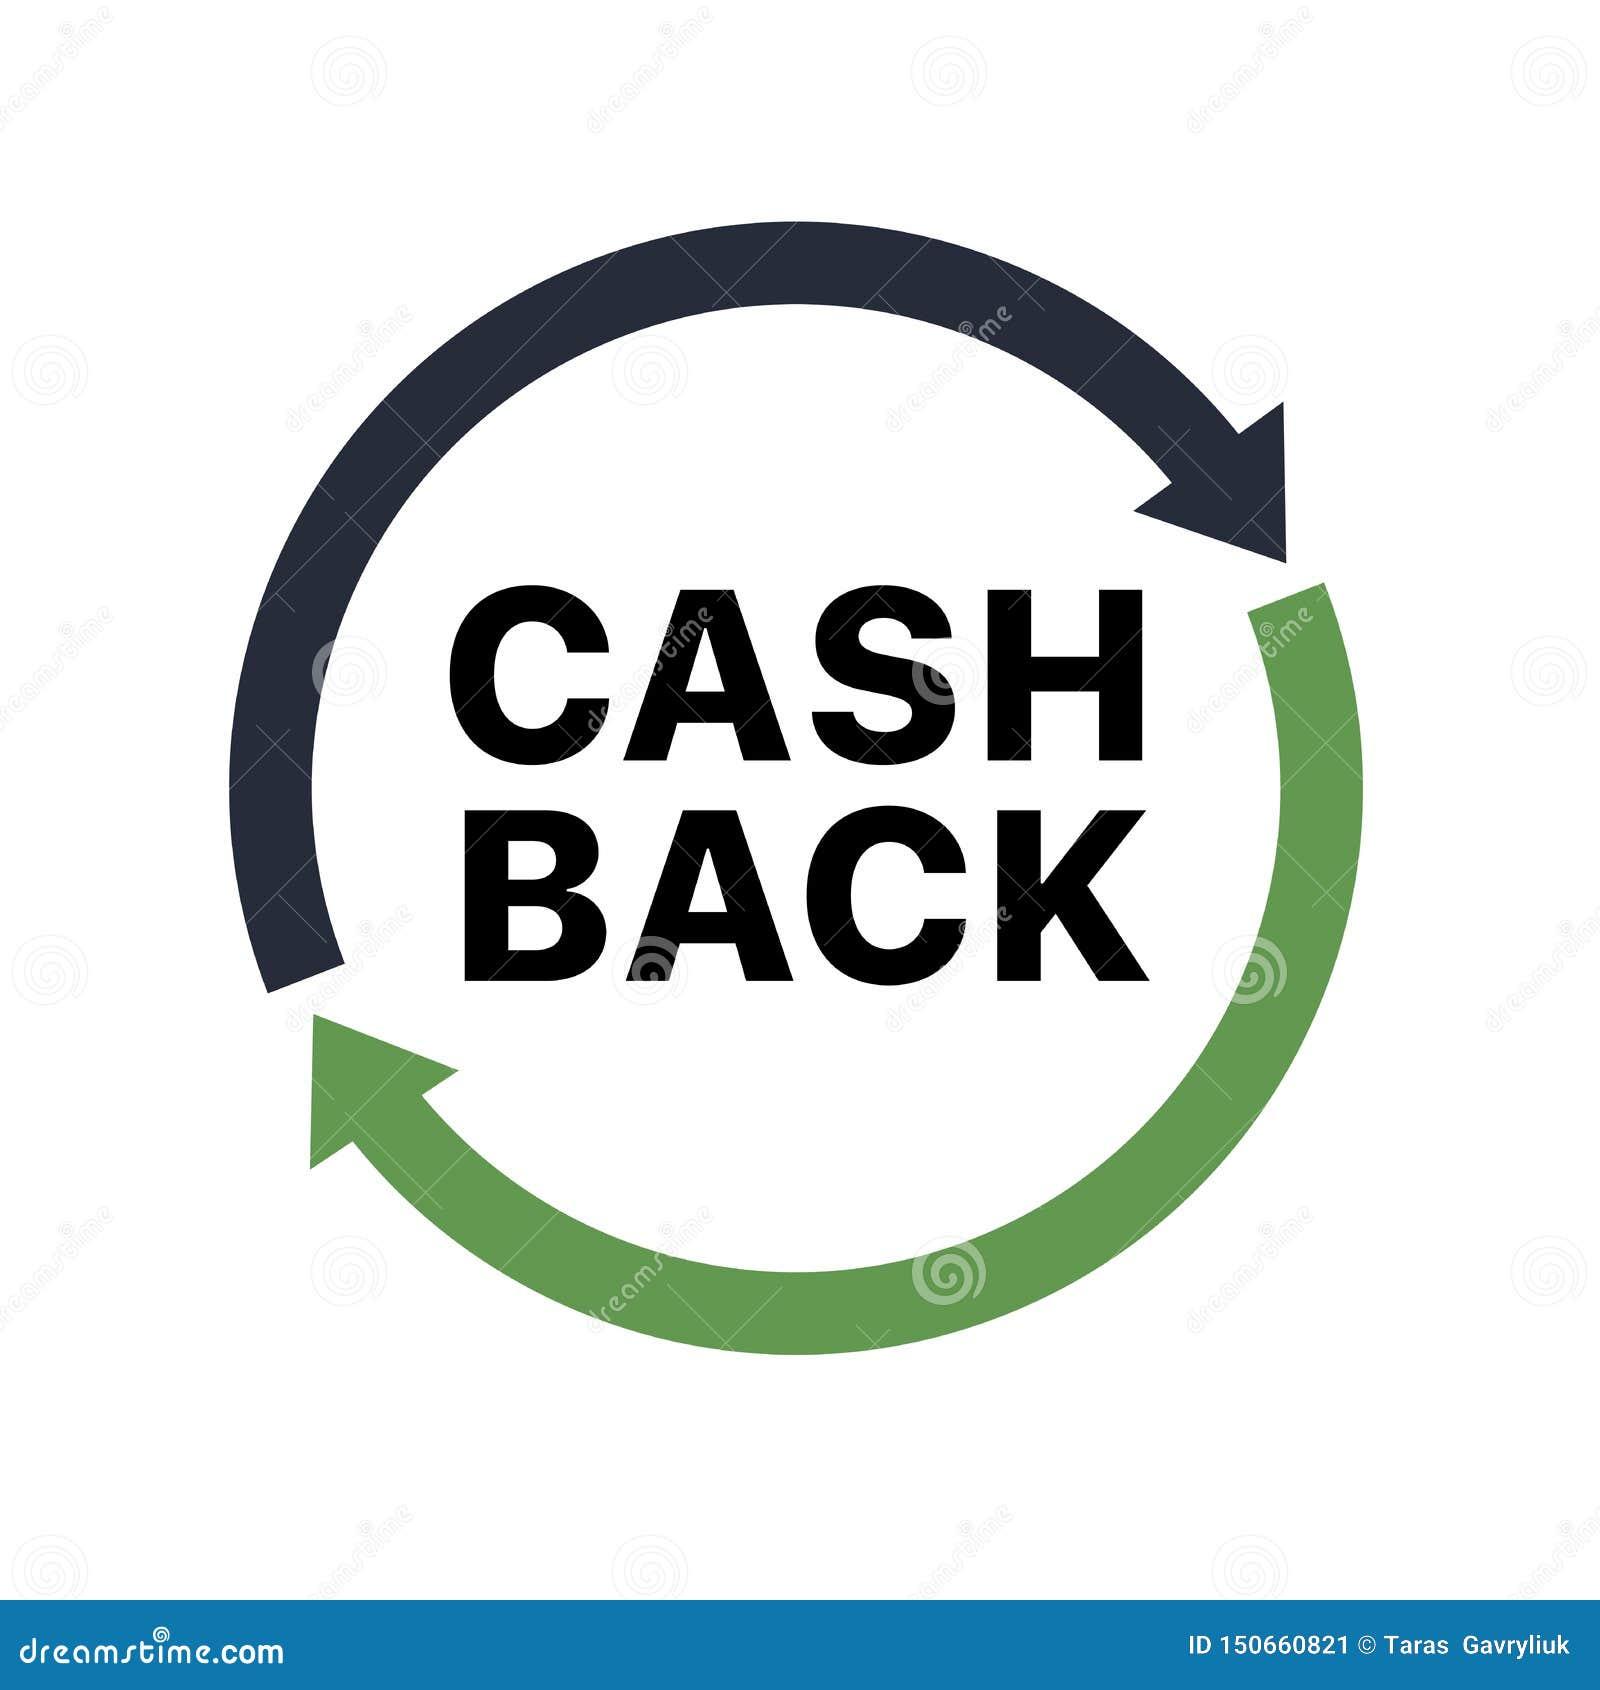 cash back icon stock vector illustration of offer design 150660821 https www dreamstime com cash back icon return investment symbol money concept cashback sign design round dark blue green arrows flat image150660821